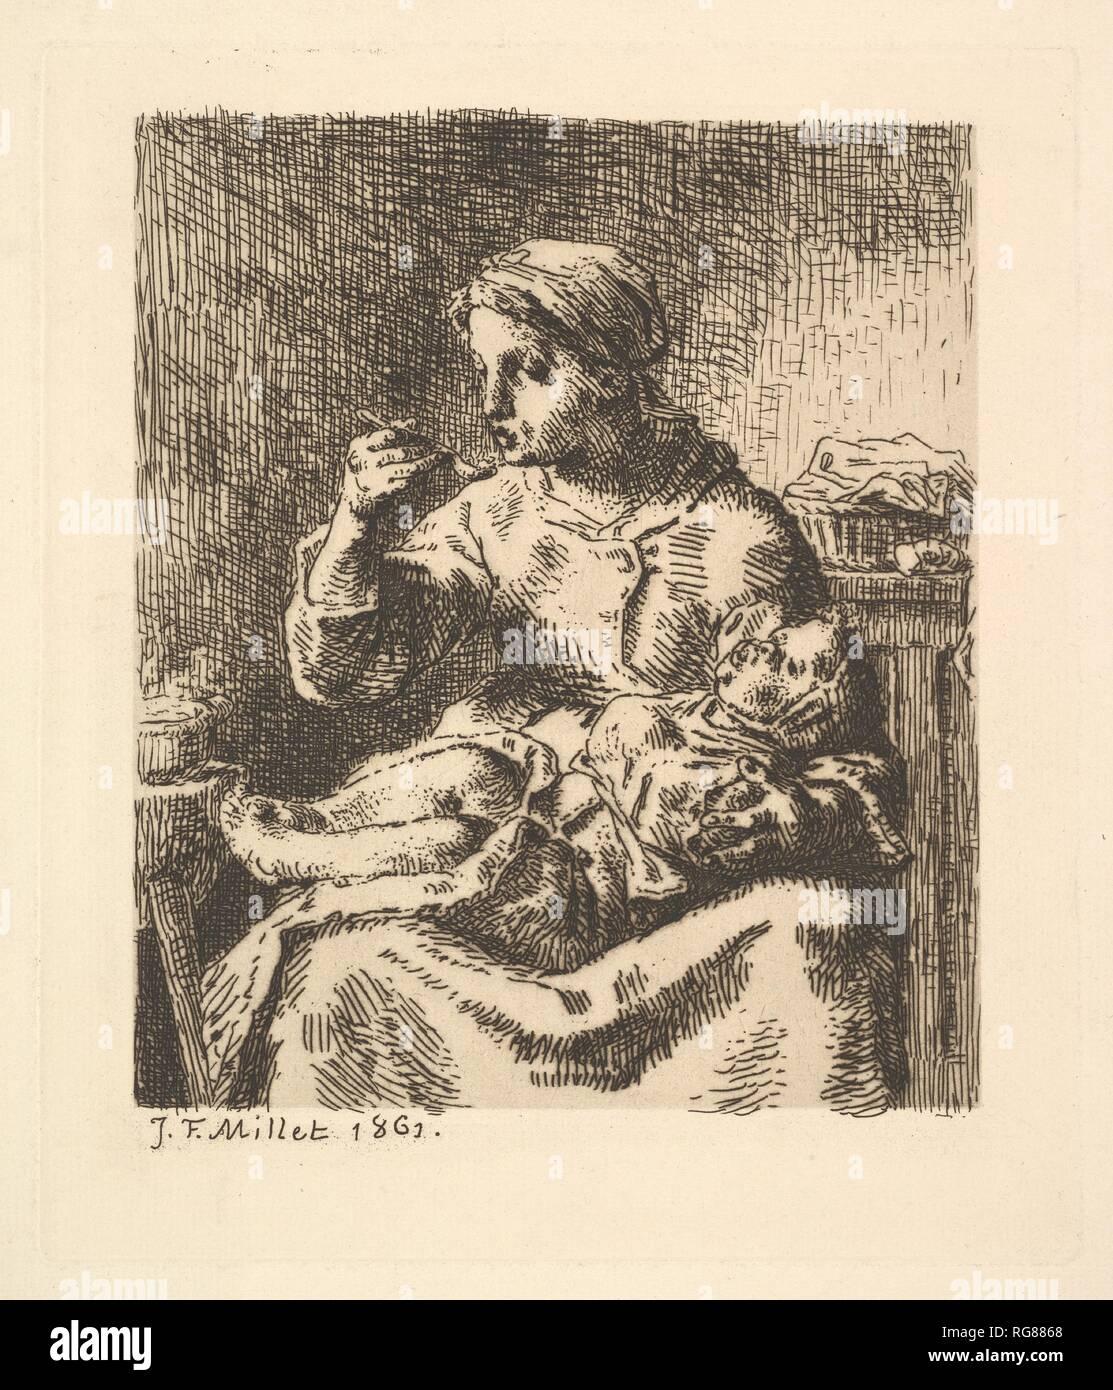 Il raffreddamento del porridge. Artista: Jean-François Millet (Francese, 1814-1875 Gruchy Barbizon). Dimensioni: piastra: 7 5/16 x 6 5/16 in. (18,5 x 16 cm) foglio: 11 x 7 3/8 in. (28 x 18,8 cm). Data: 1861. Museo: Metropolitan Museum of Art di New York, Stati Uniti d'America. Foto Stock